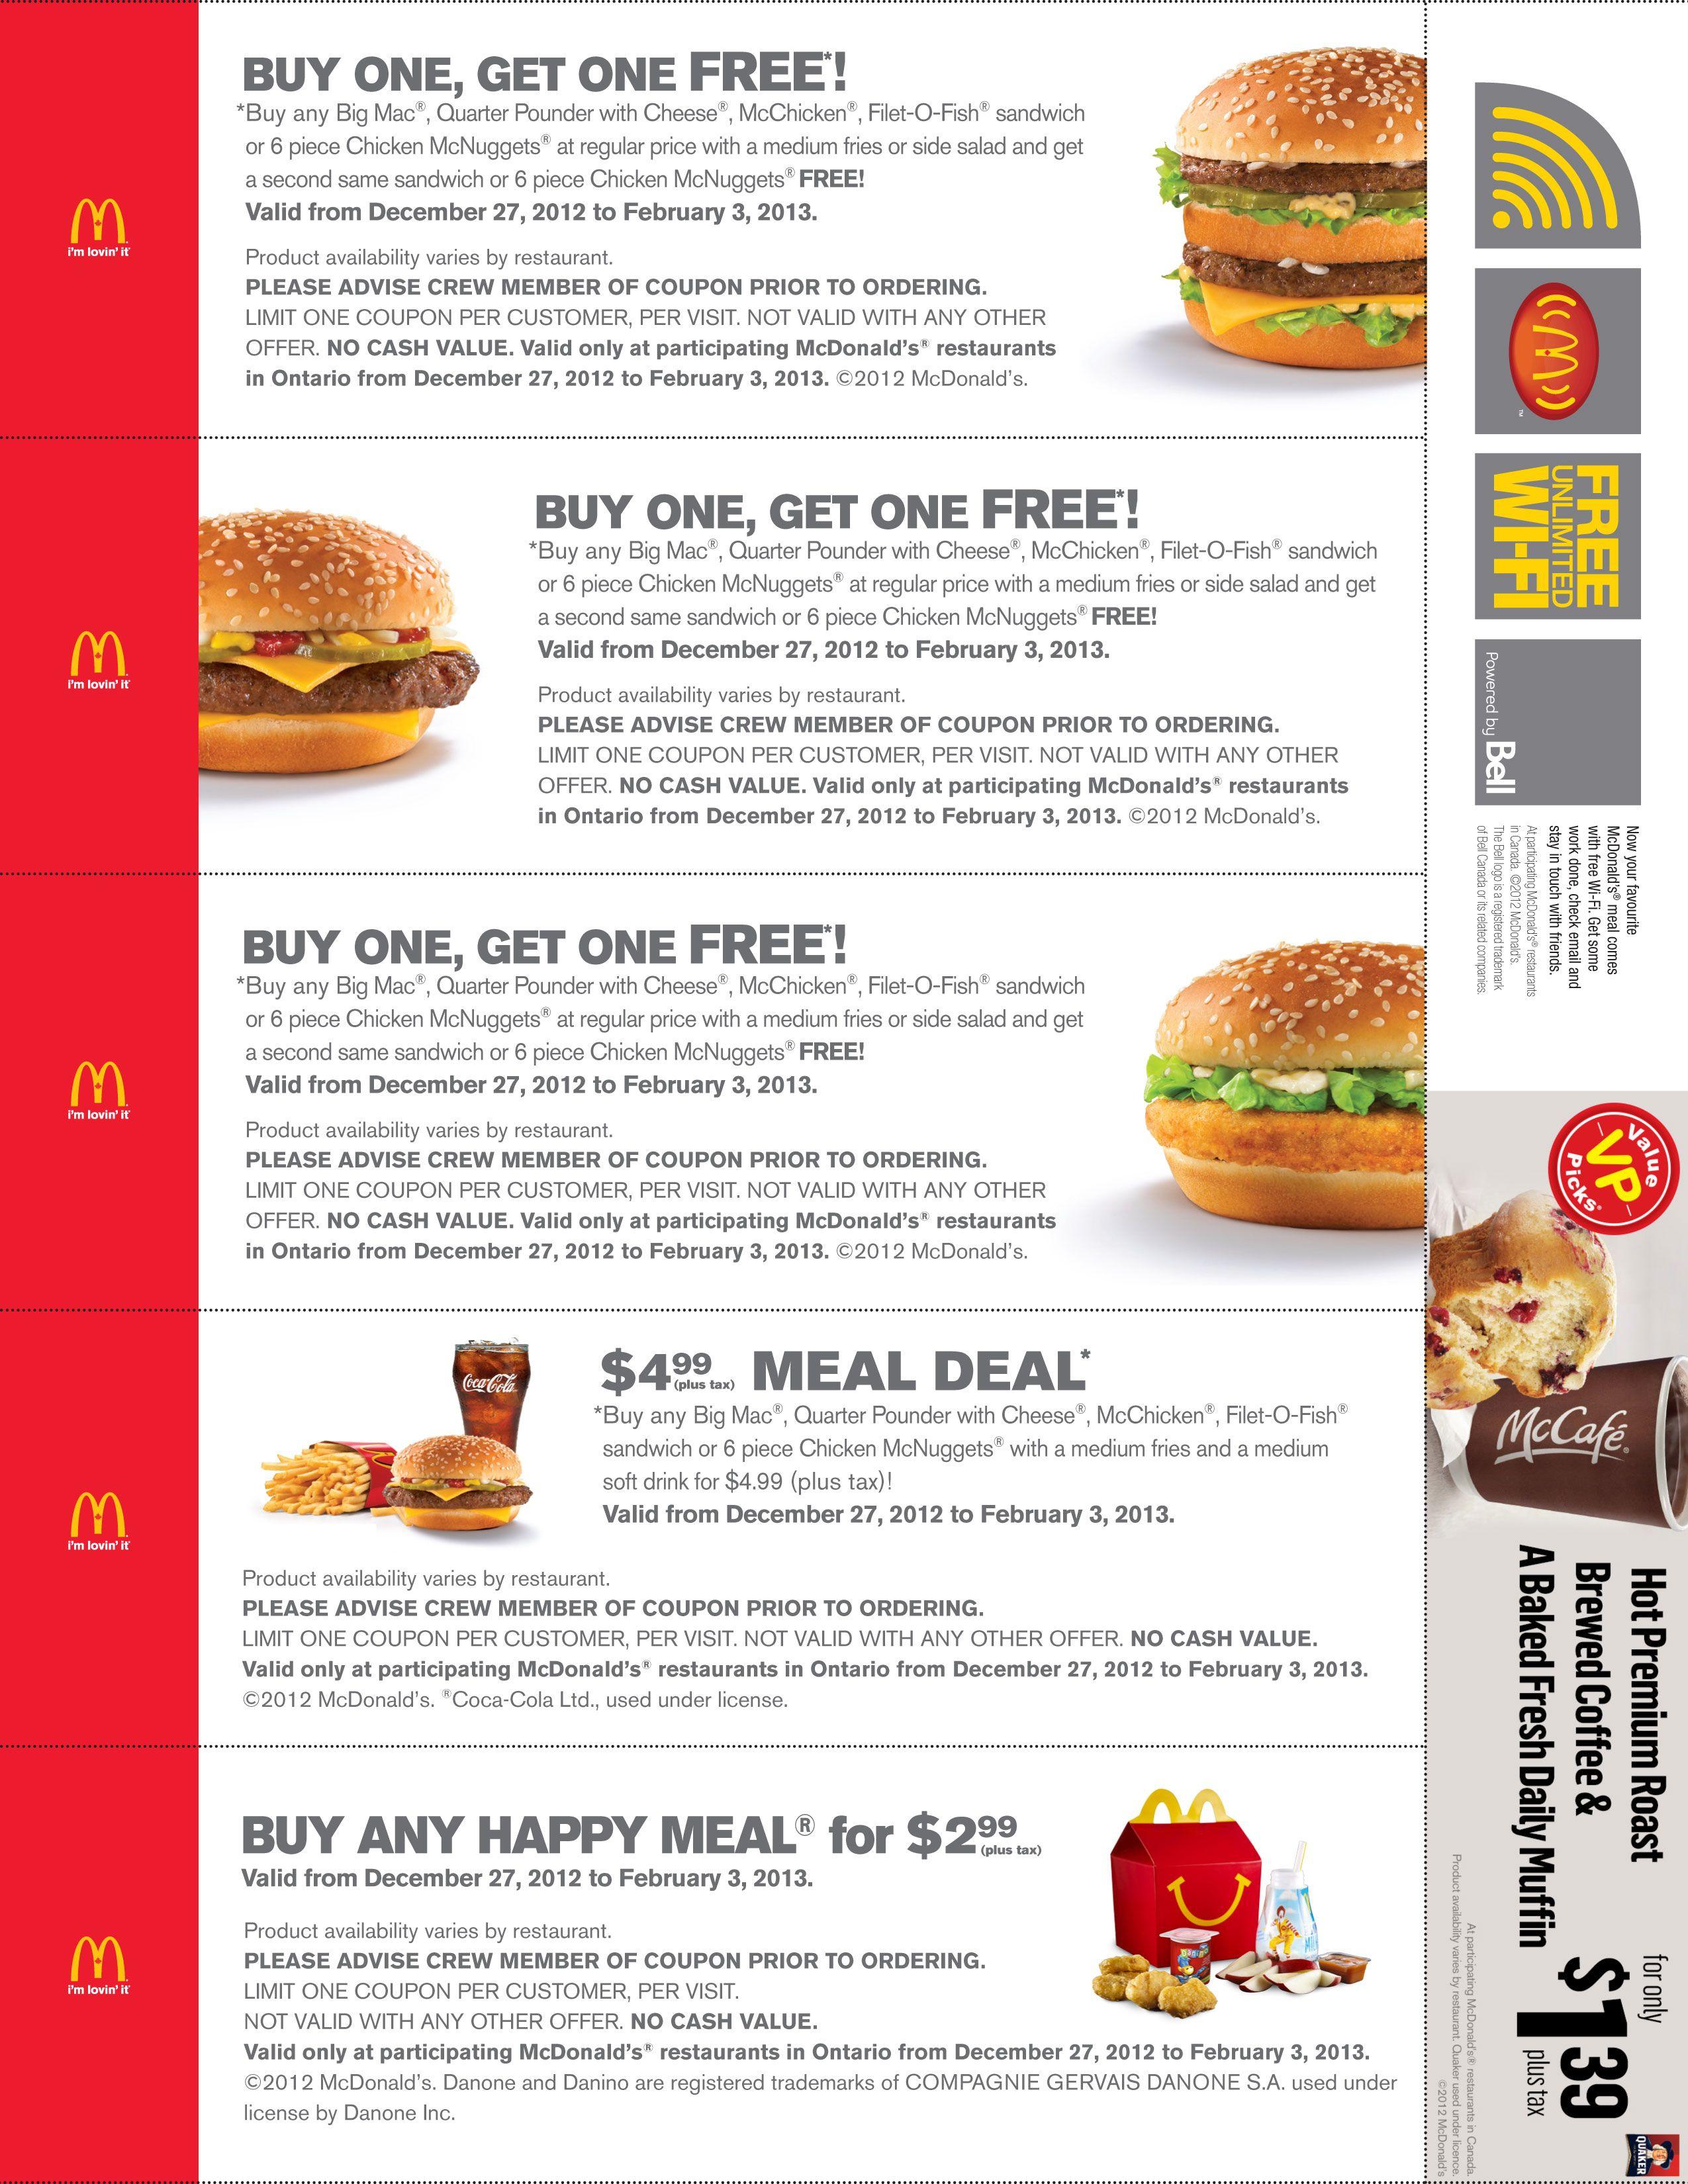 Printable Mcdonald Coupons 2014 | Stuff To Buy | Pinterest - Free Printable Mcdonalds Coupons Online